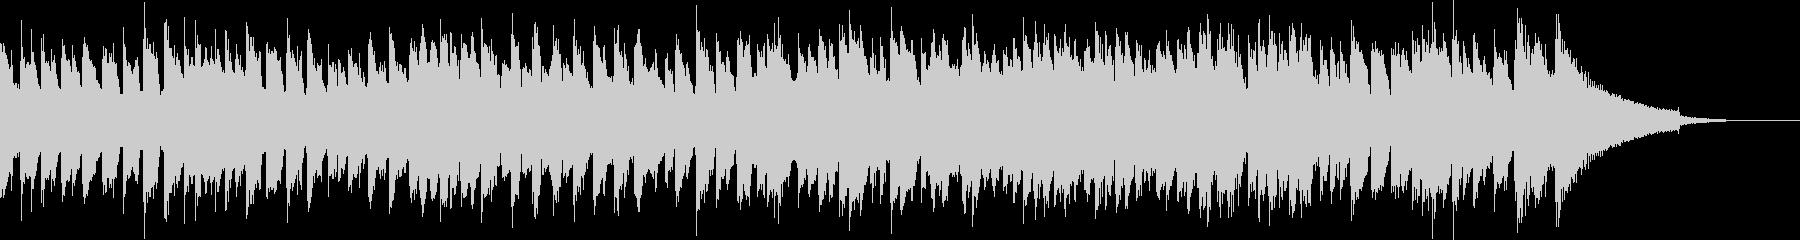 中世ヨーロッパのバロックチェンバロの未再生の波形